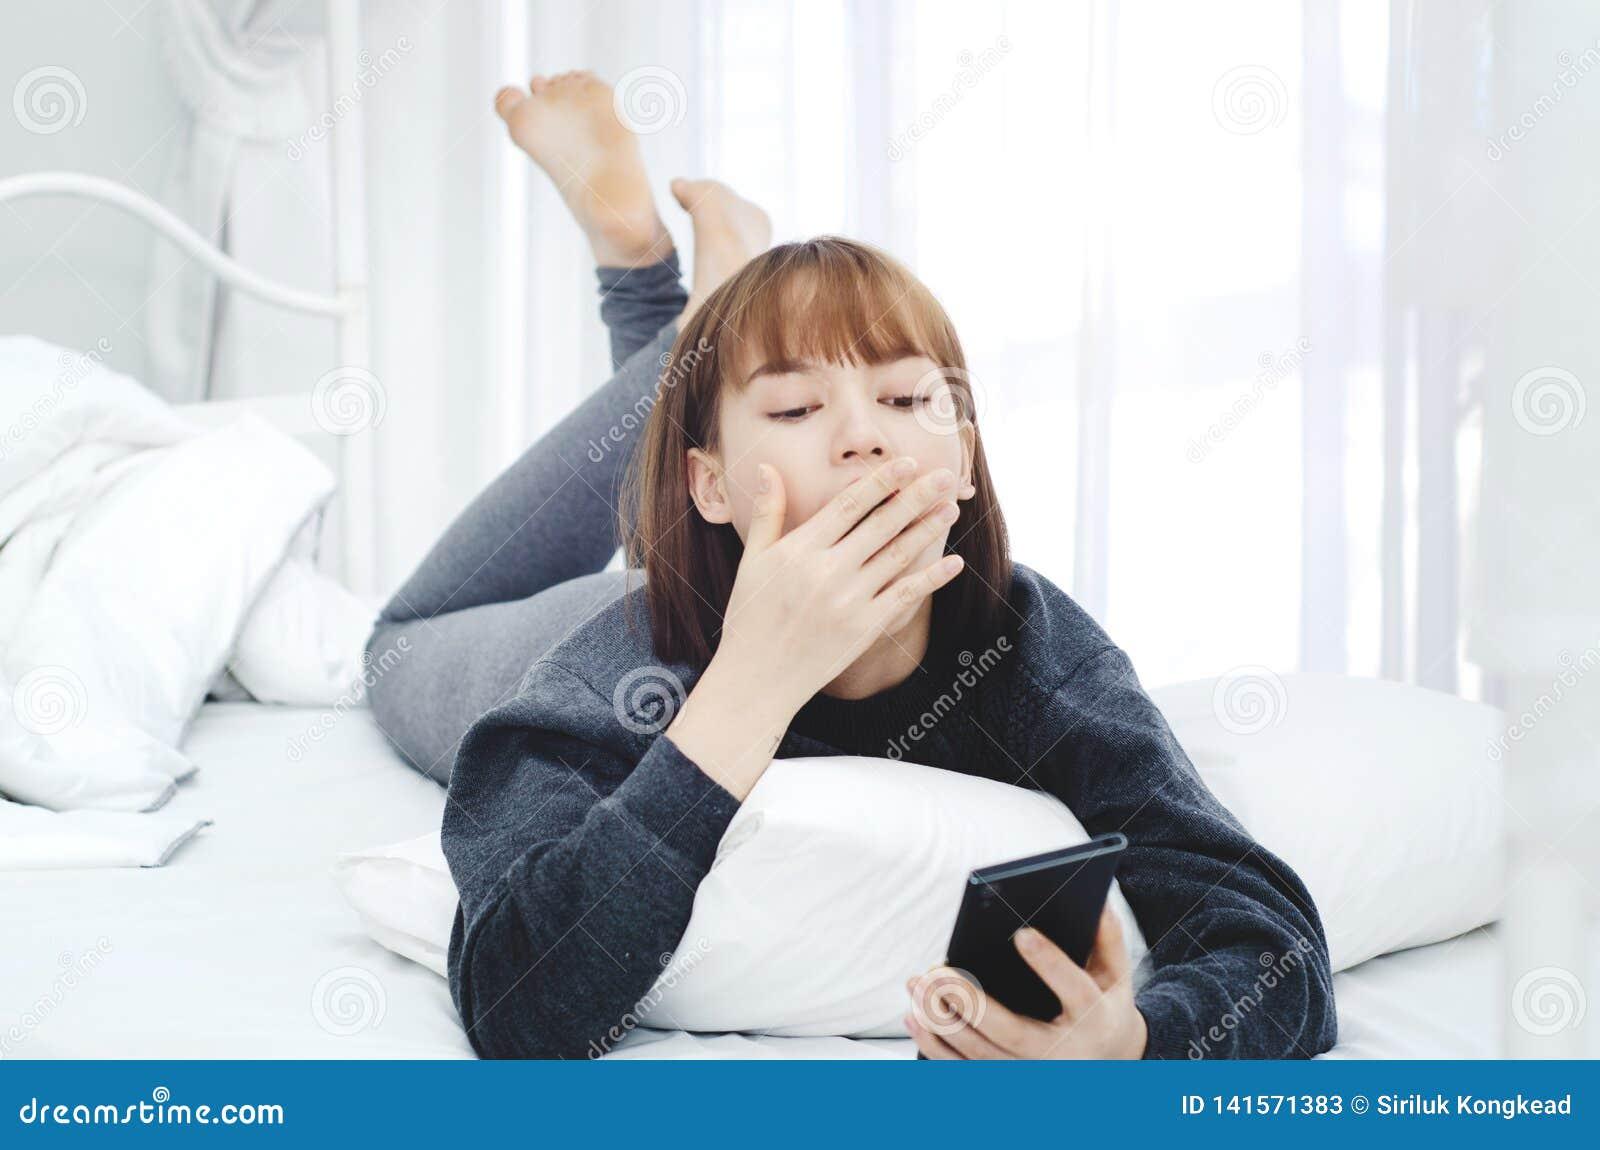 Een vrouw die een zwarte kleding dragen rust in haar ruimte En zij speelt mobiel